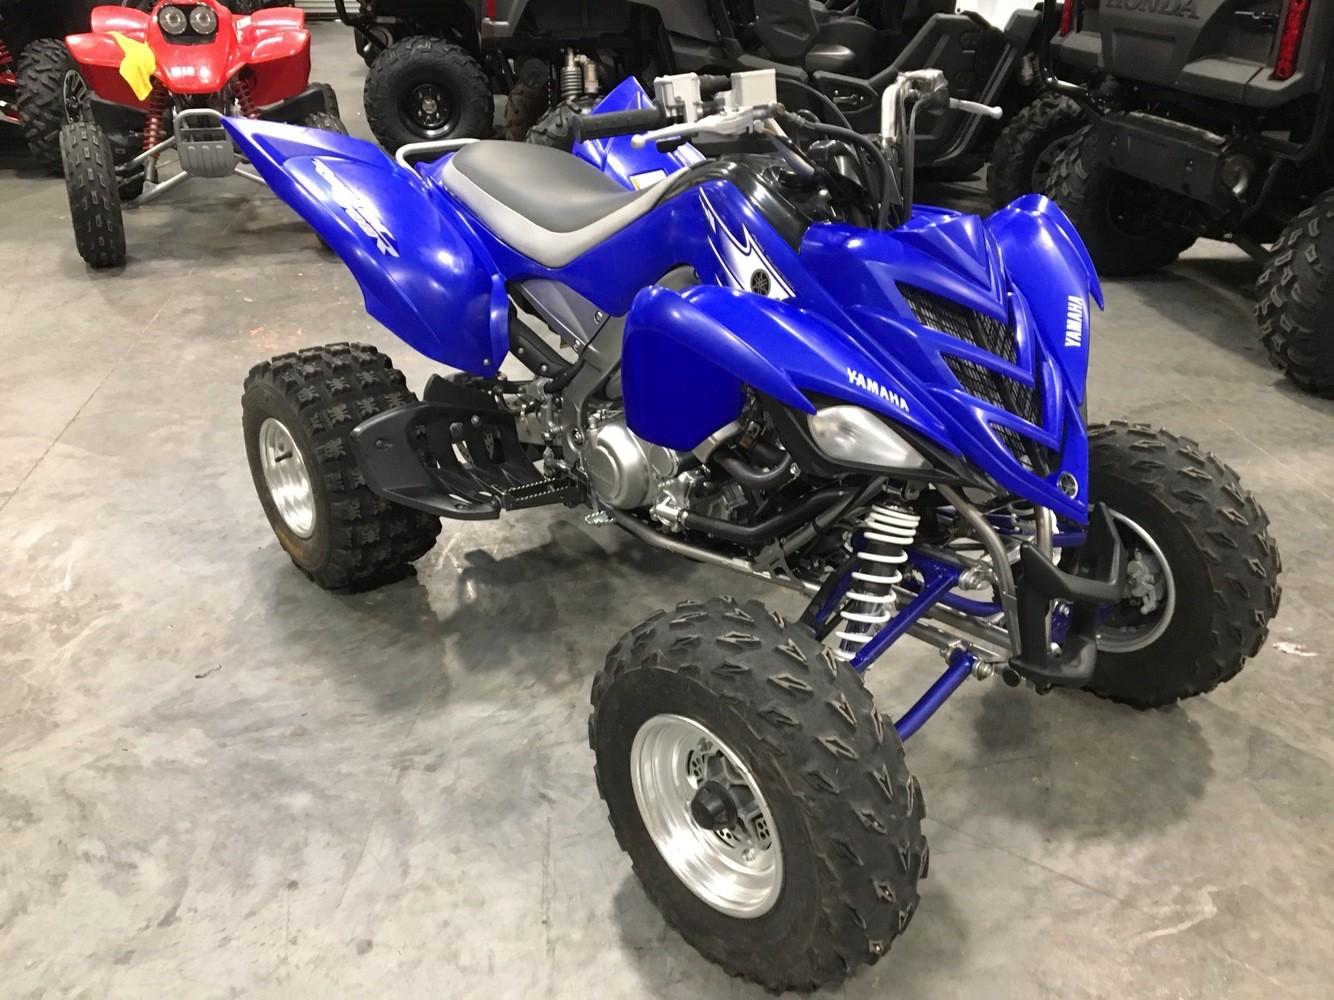 2007 Yamaha Raptor 700R for sale 80499